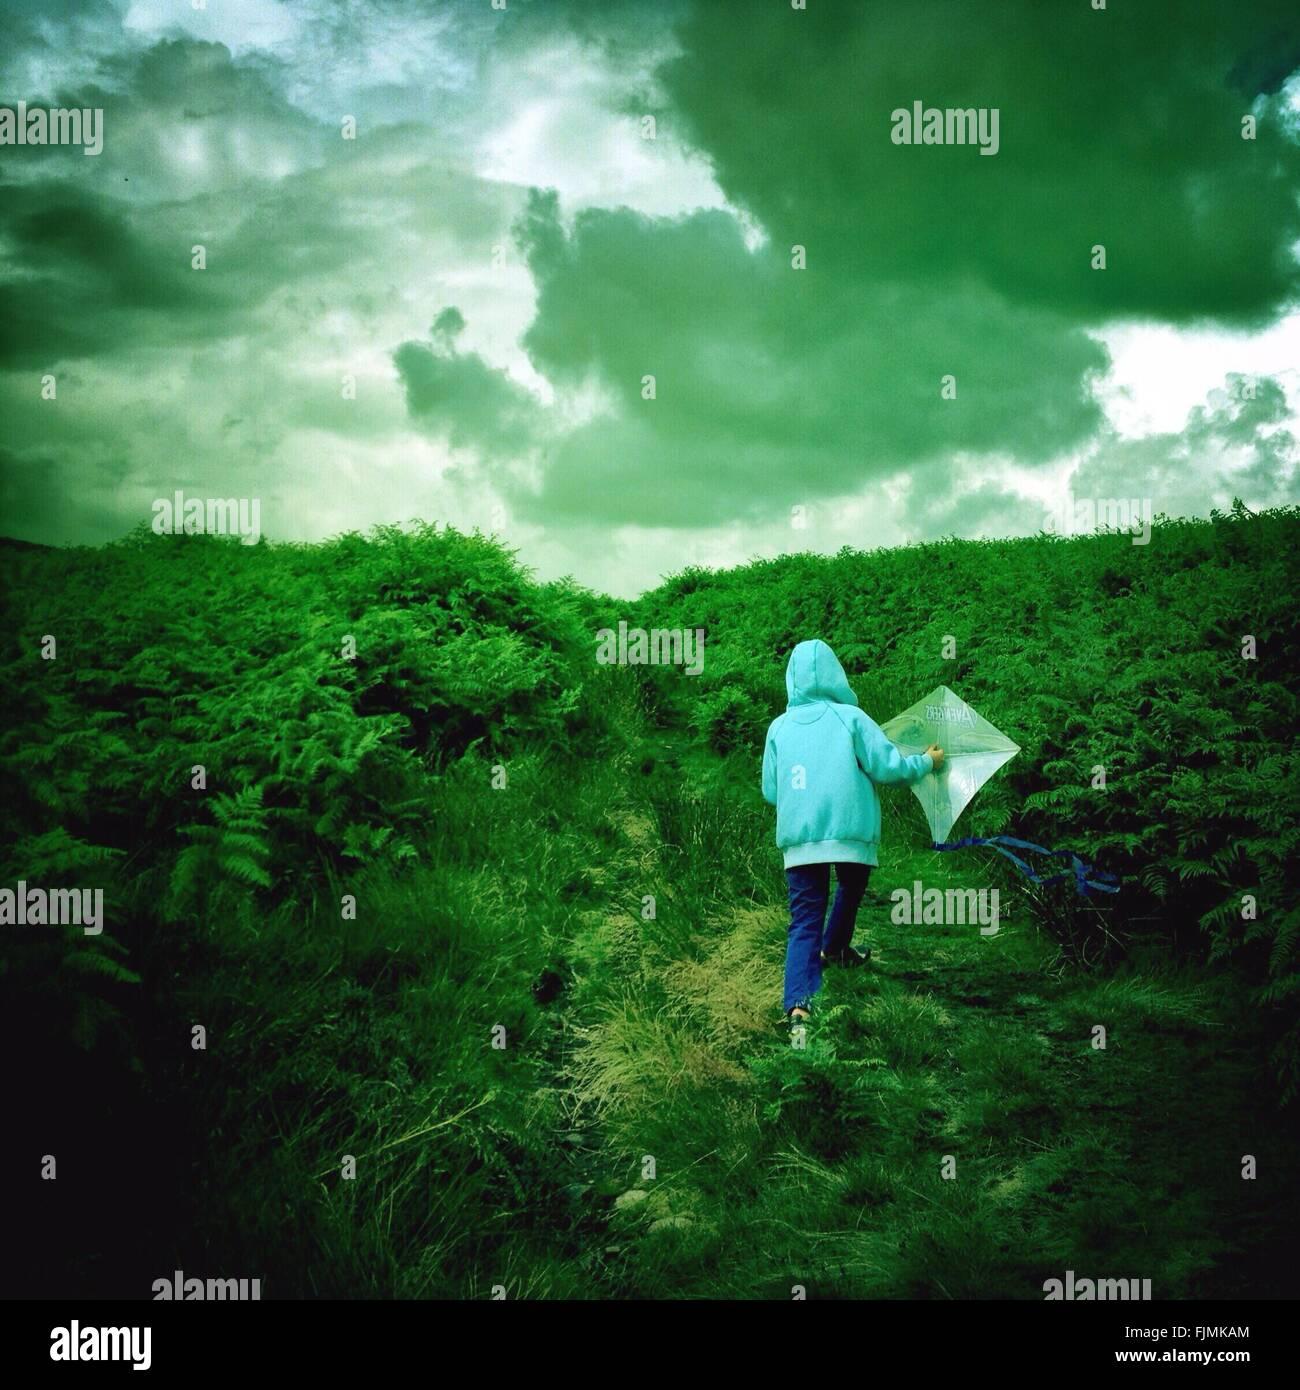 Vue arrière du garçon dans le capot avec le kite marche sur Paysage vert contre Ciel nuageux Photo Stock